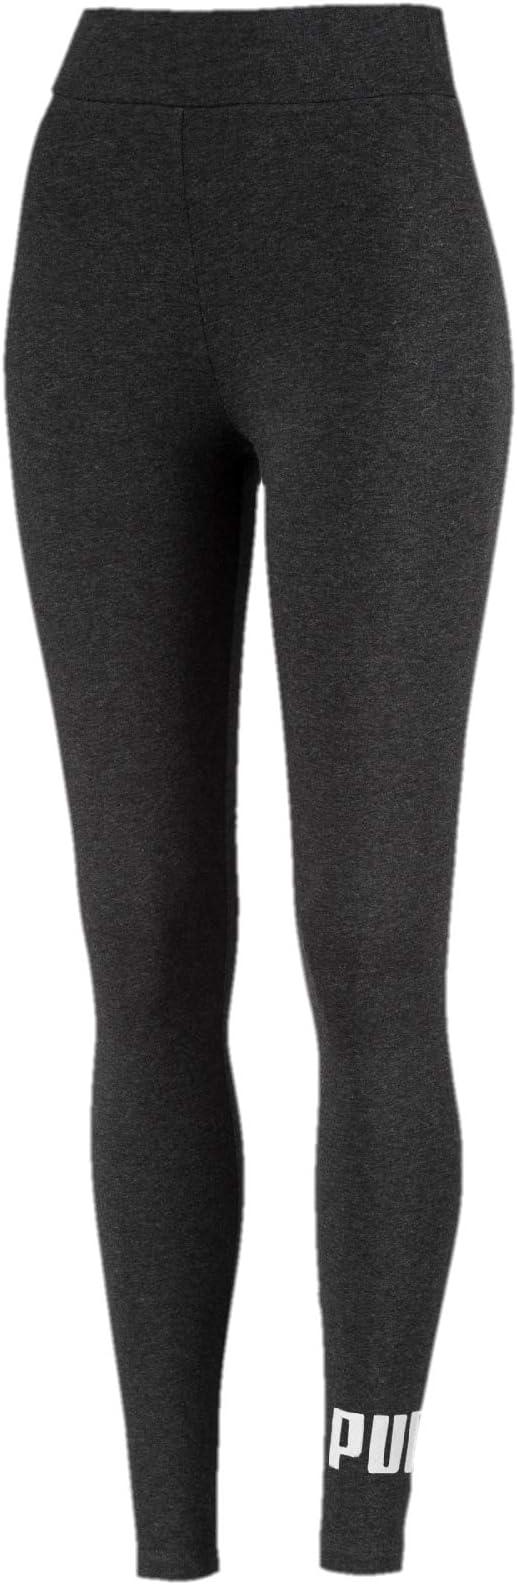 Image ofPUMA Essentials Logo W - Legging Deportivo de Talle Alto Mujer